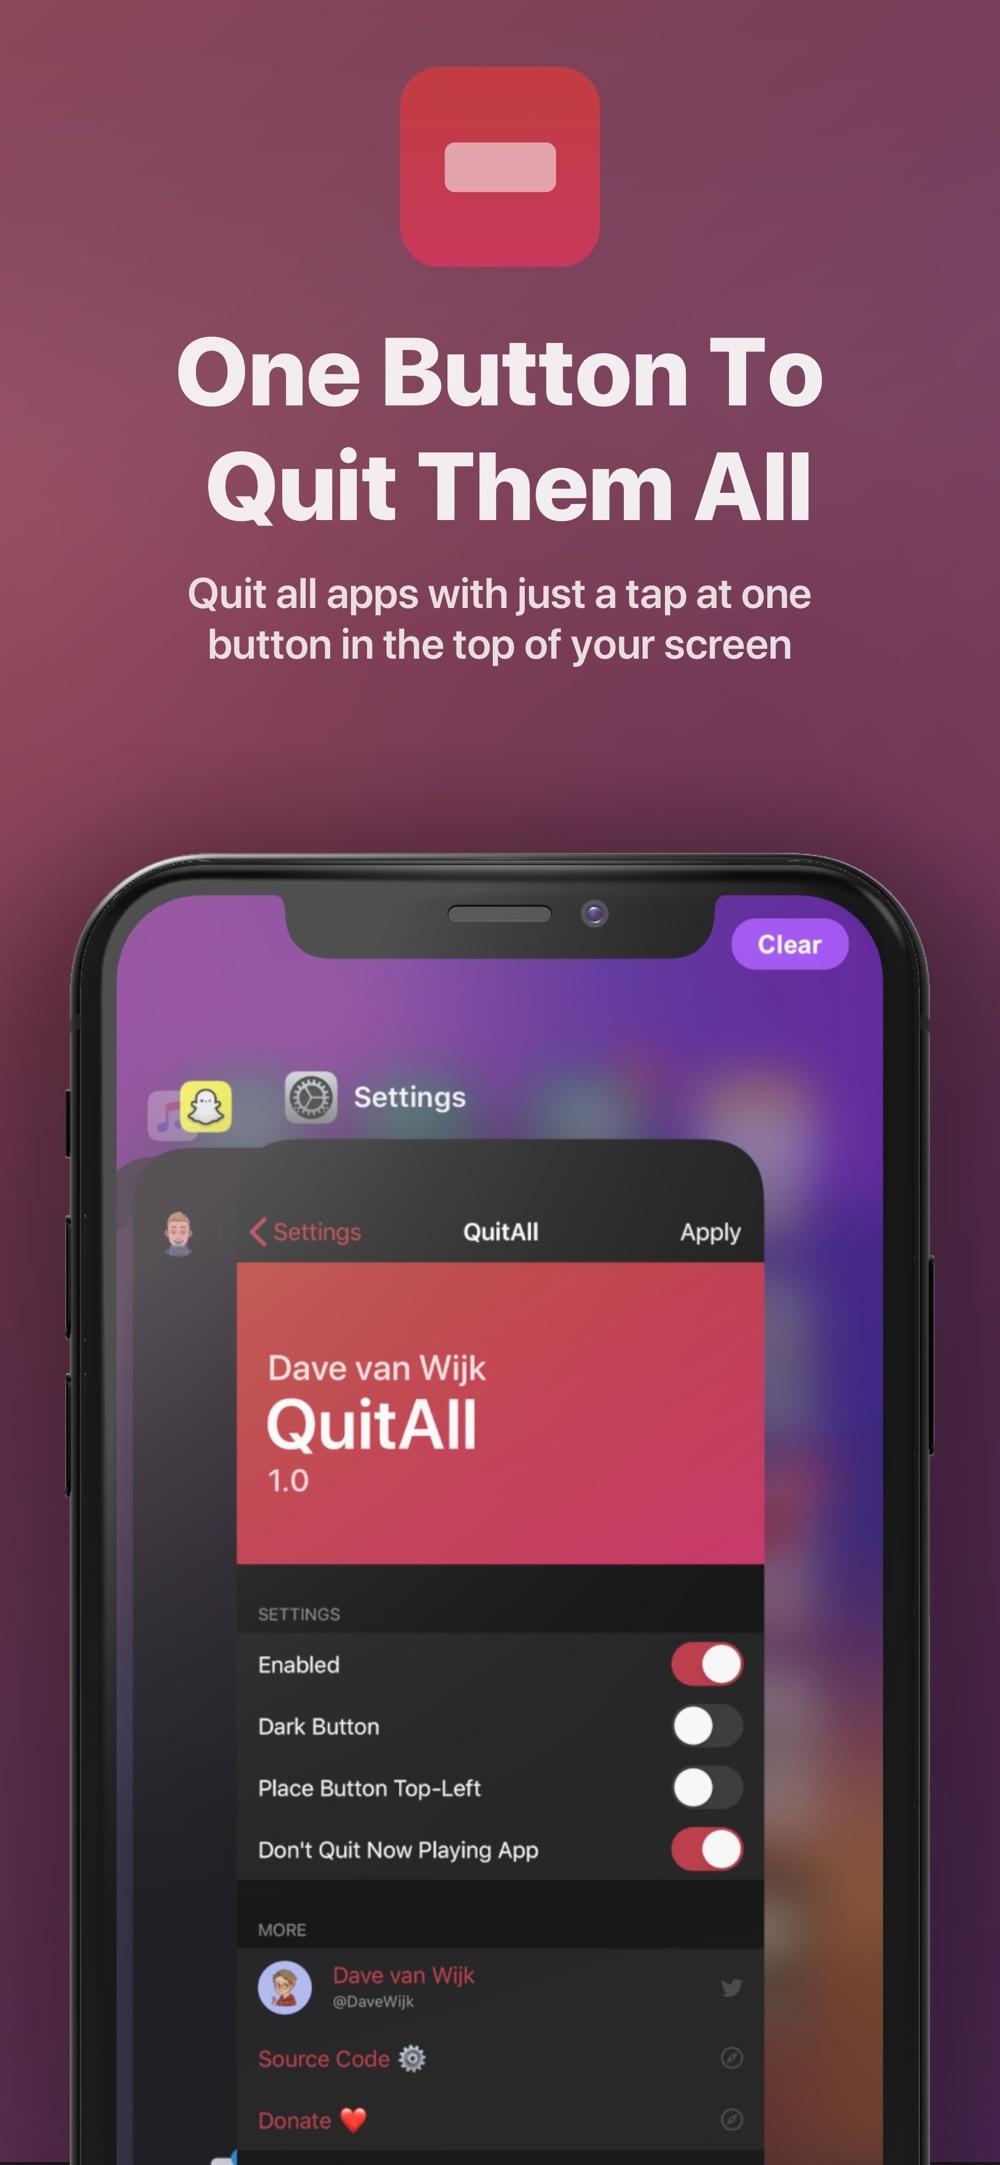 QuitAll cho phép bạn đóng tất cả các ứng dụng Trình chuyển đổi ứng dụng chỉ bằng một chạm